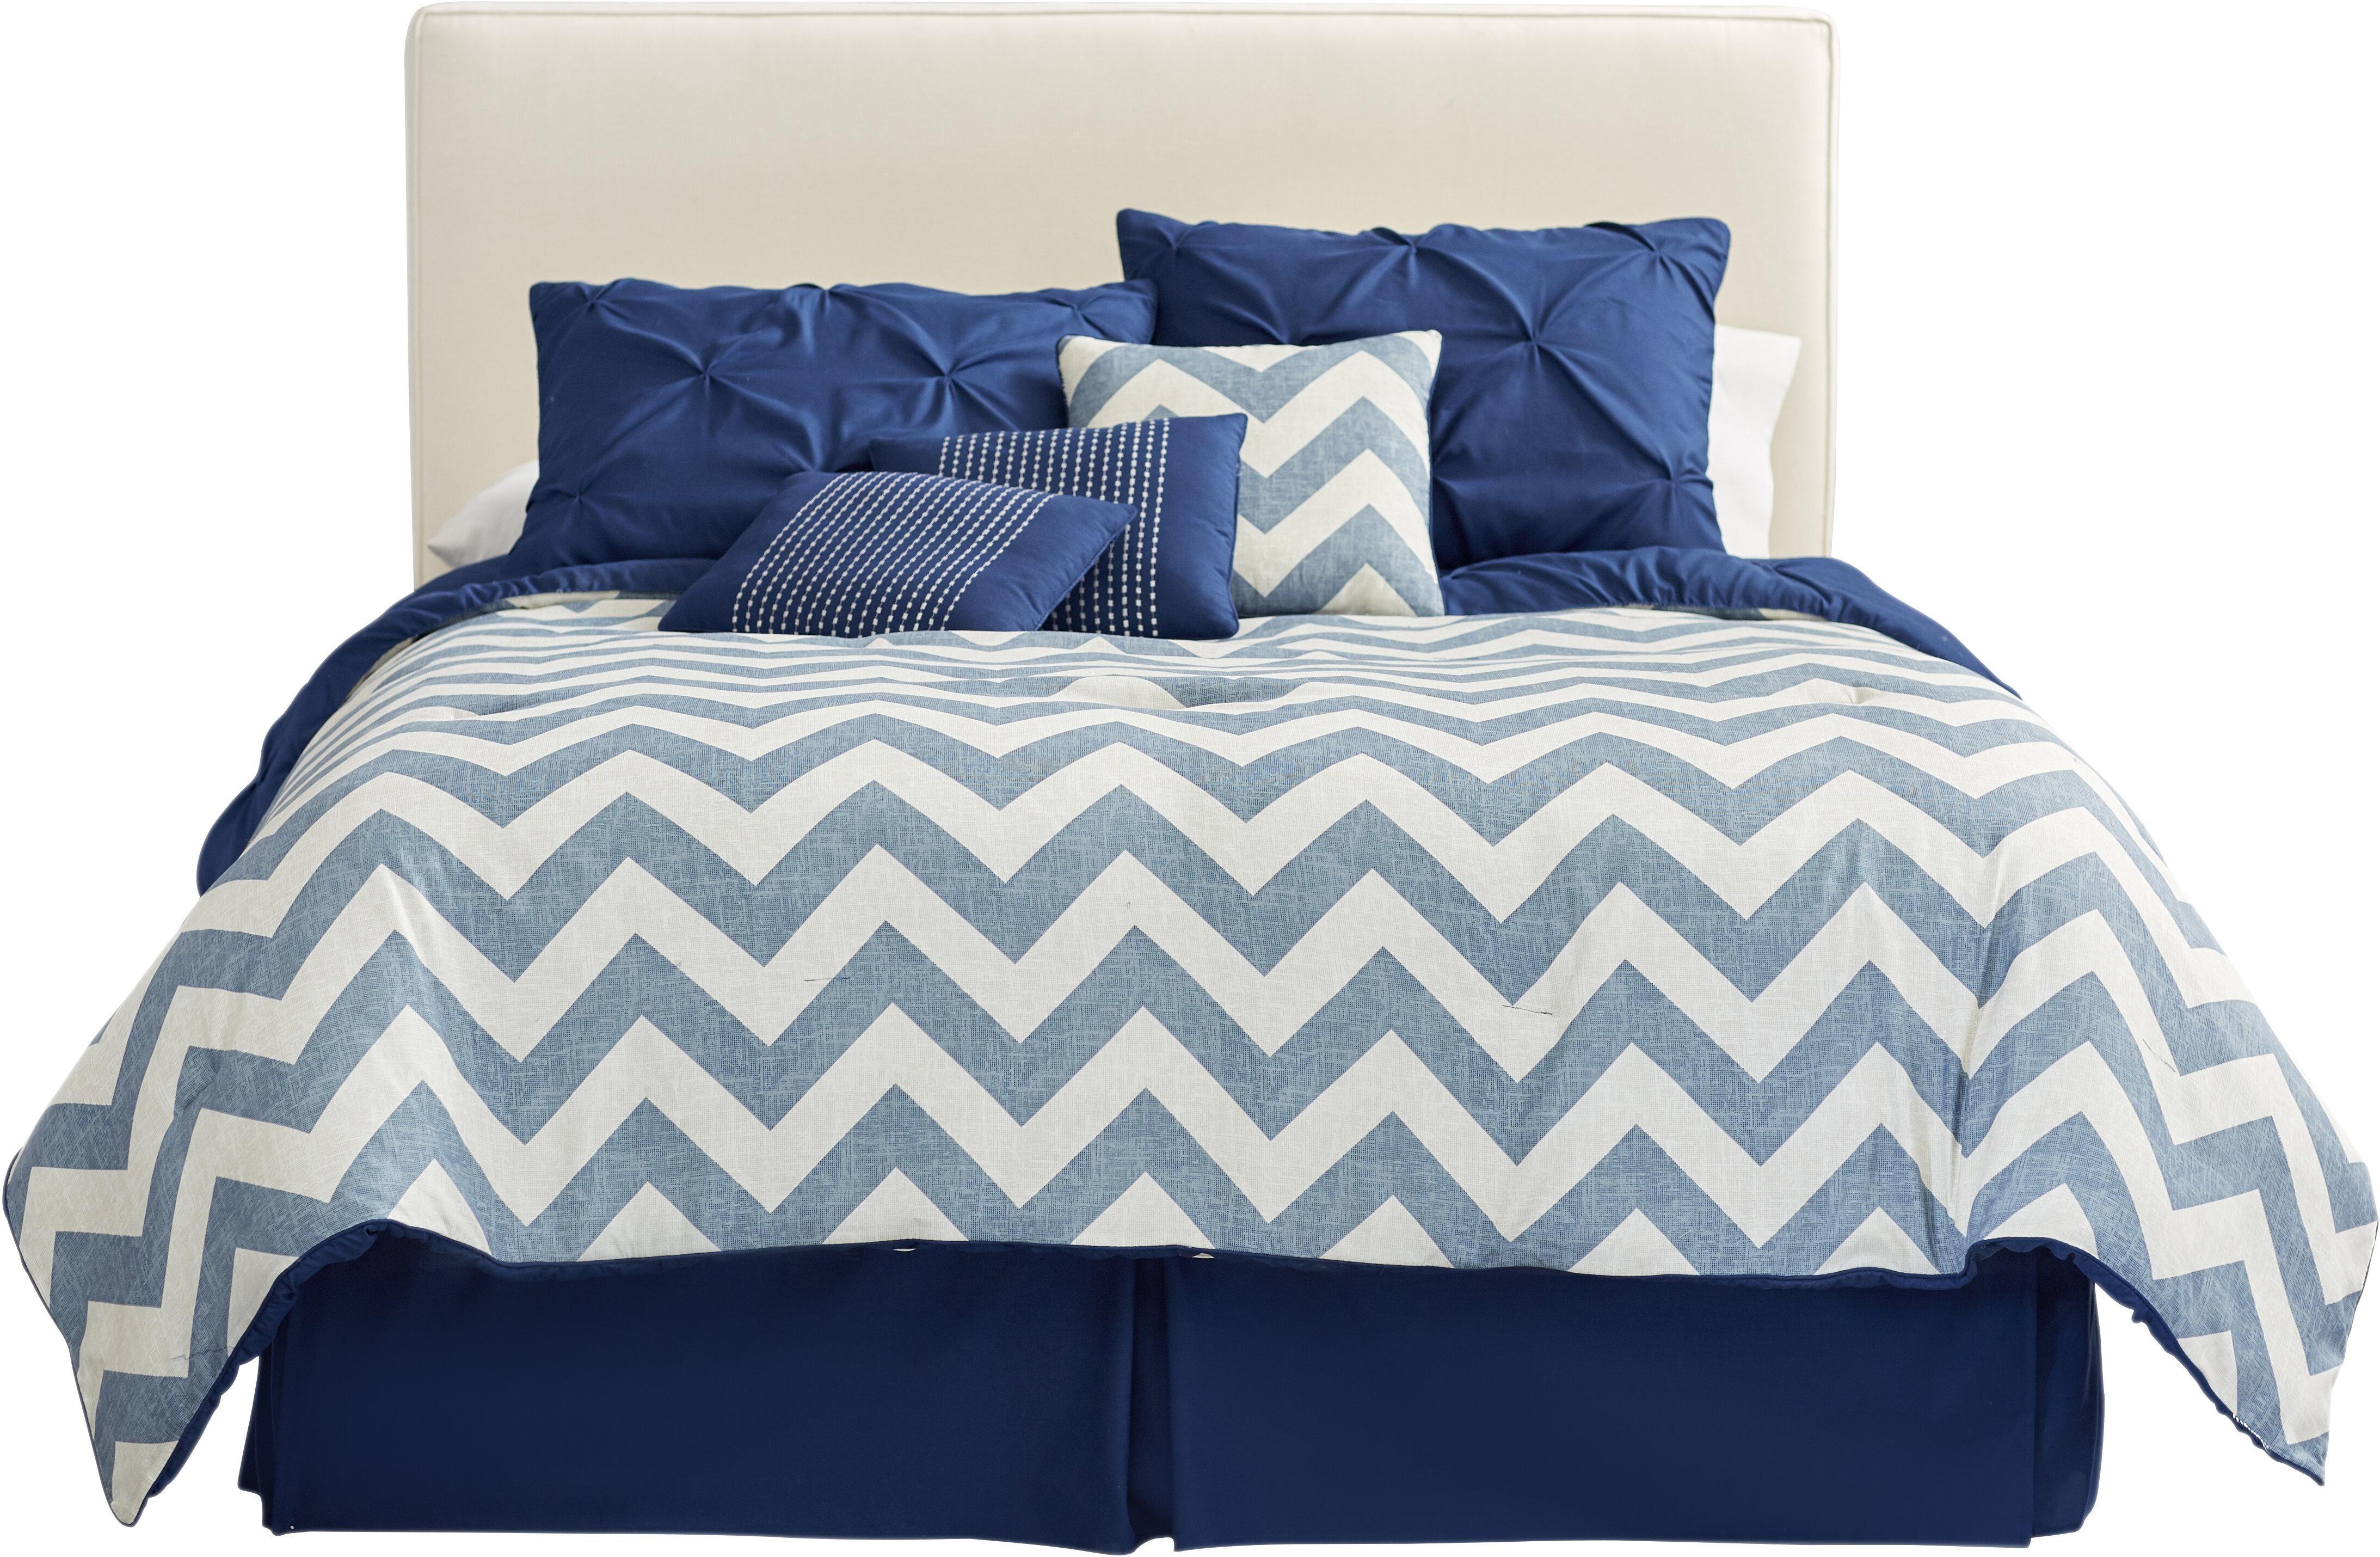 House Of Hampton Germain Reversible Comforter Set Reviews Wayfair